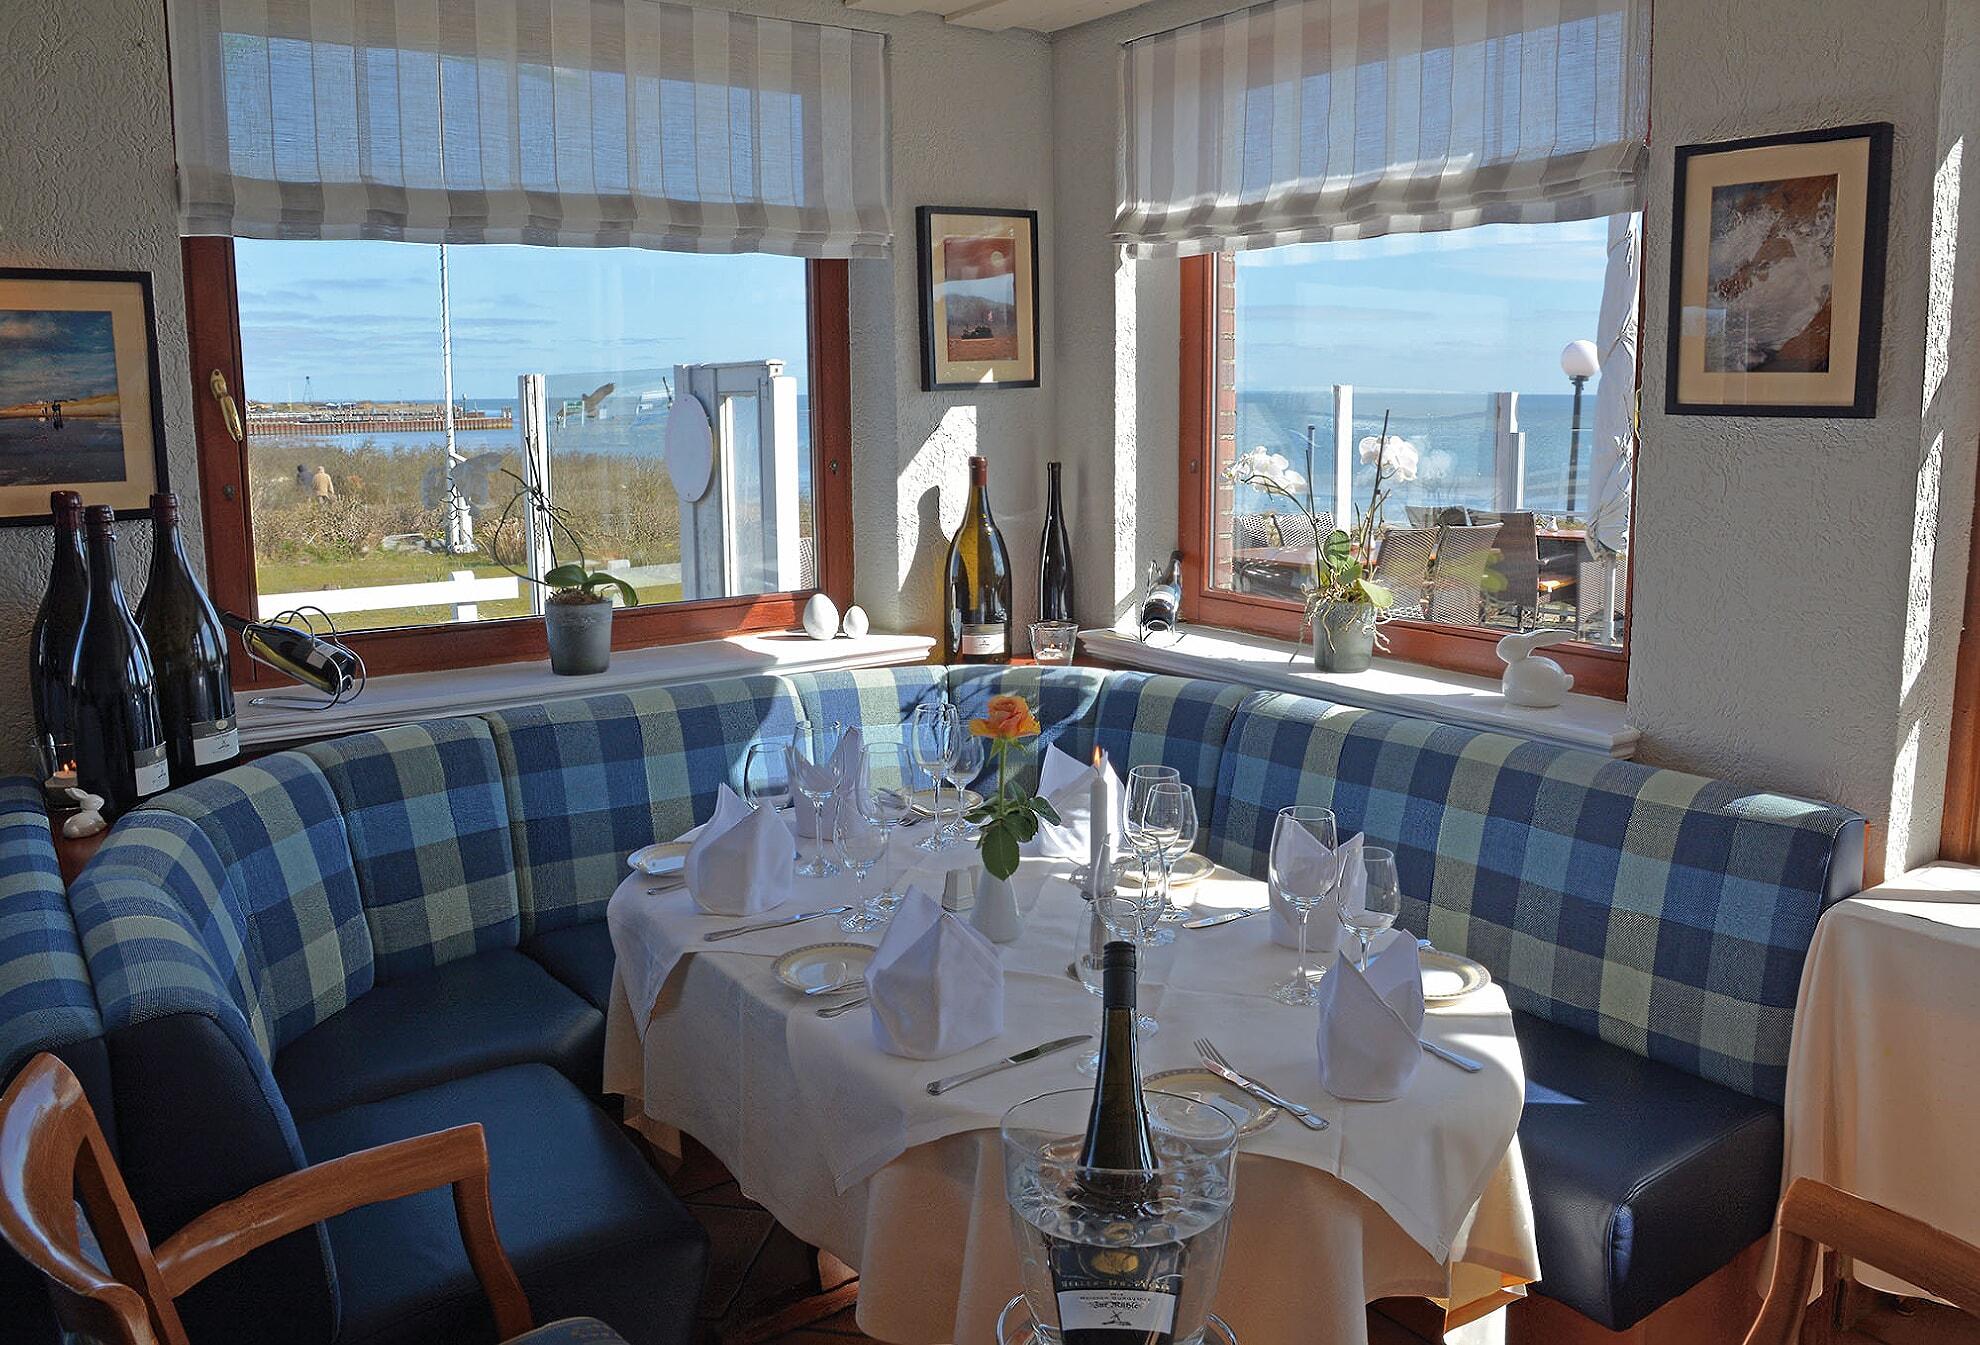 Zur Mühle Restaurant